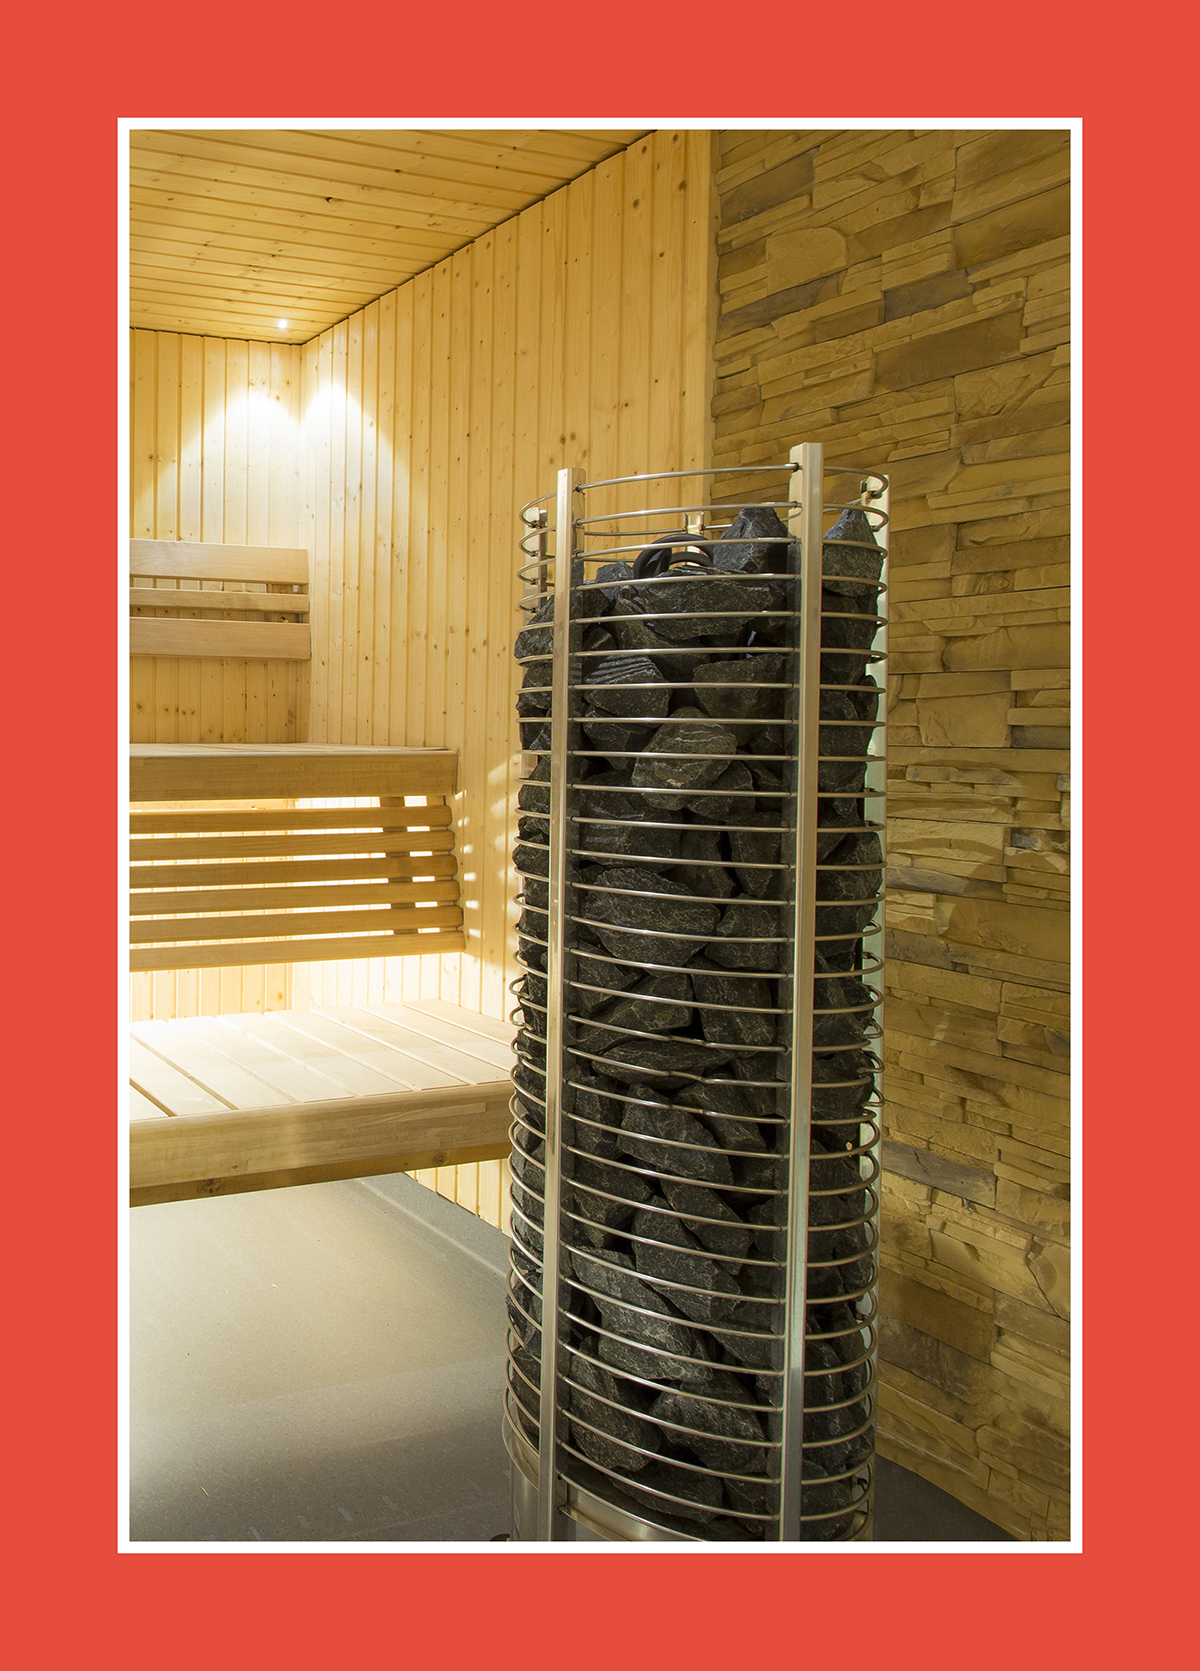 Der runde Saunaofen: Immer höher